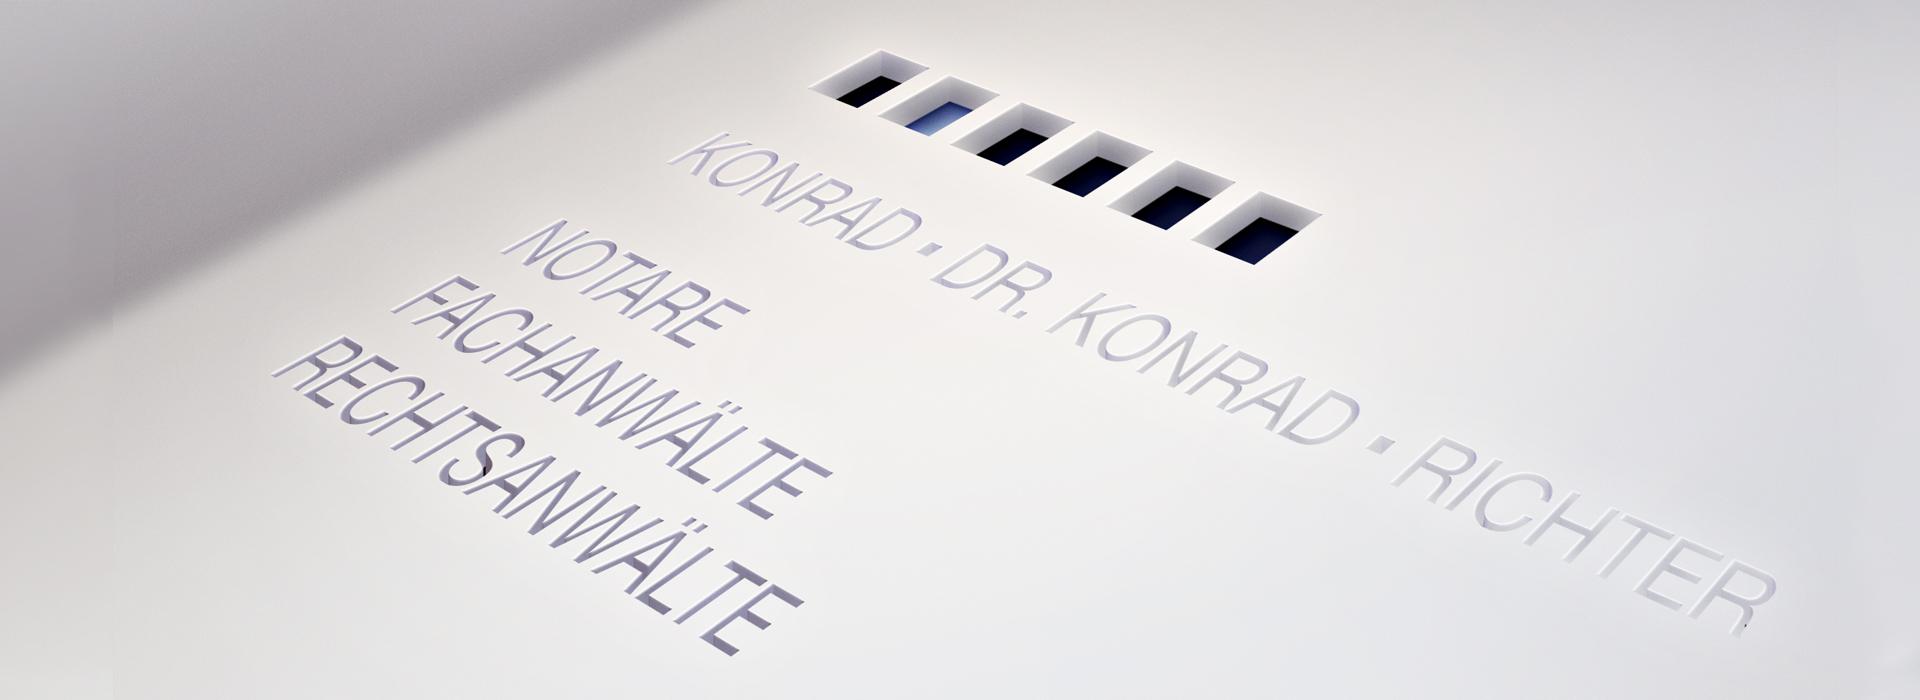 Rechtsanwälte Und Notare Konrad Dr Konrad Richter Notare